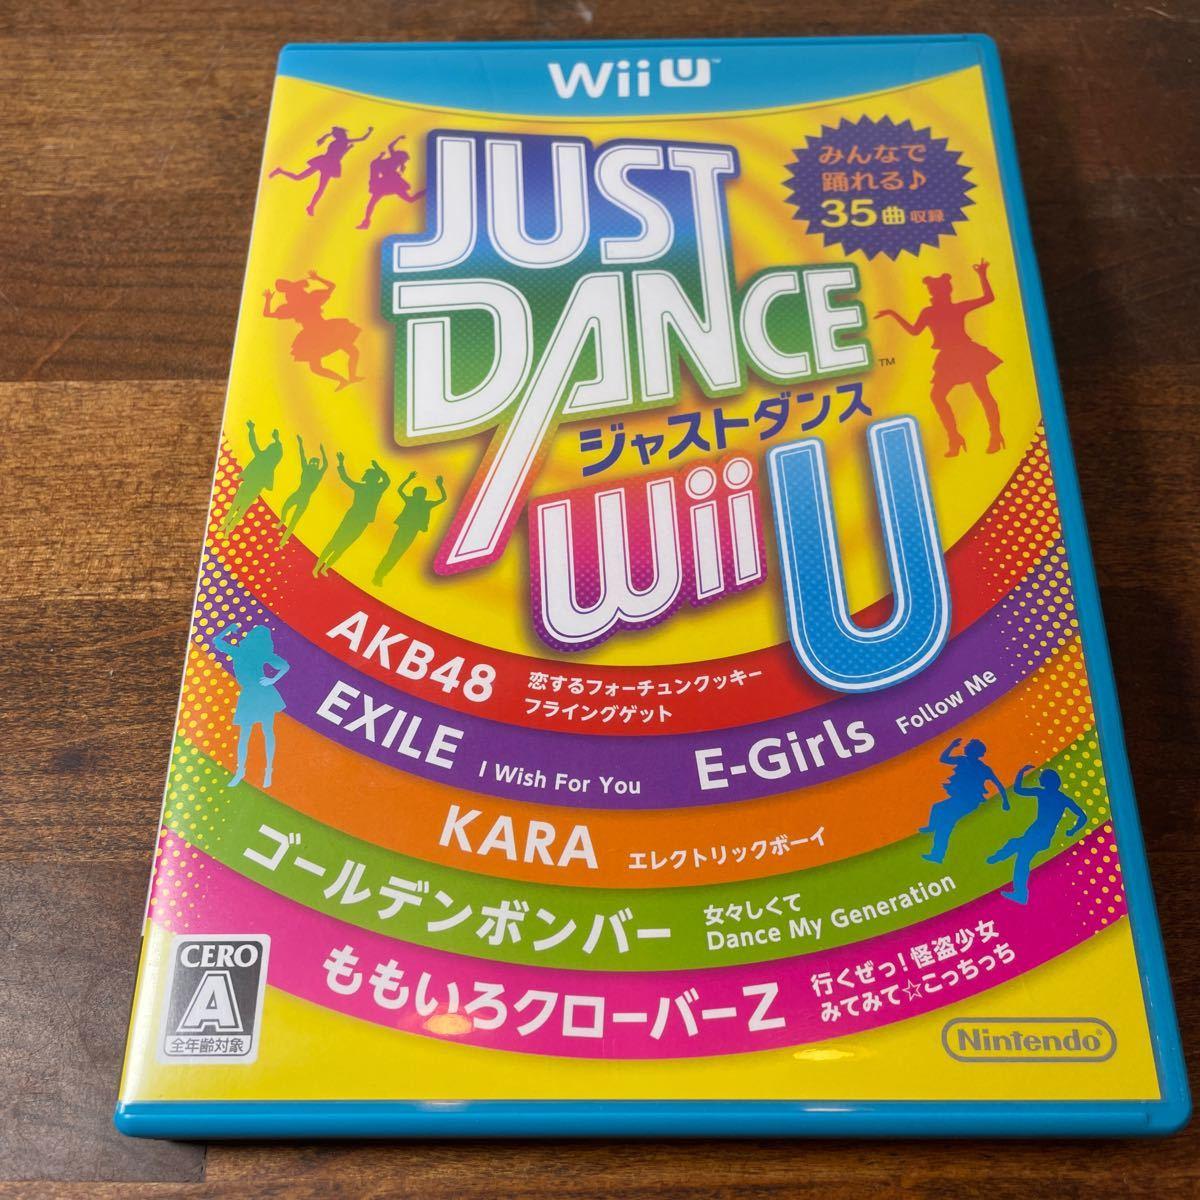 ジャストダンス WiiU JUST DANCE ソフト